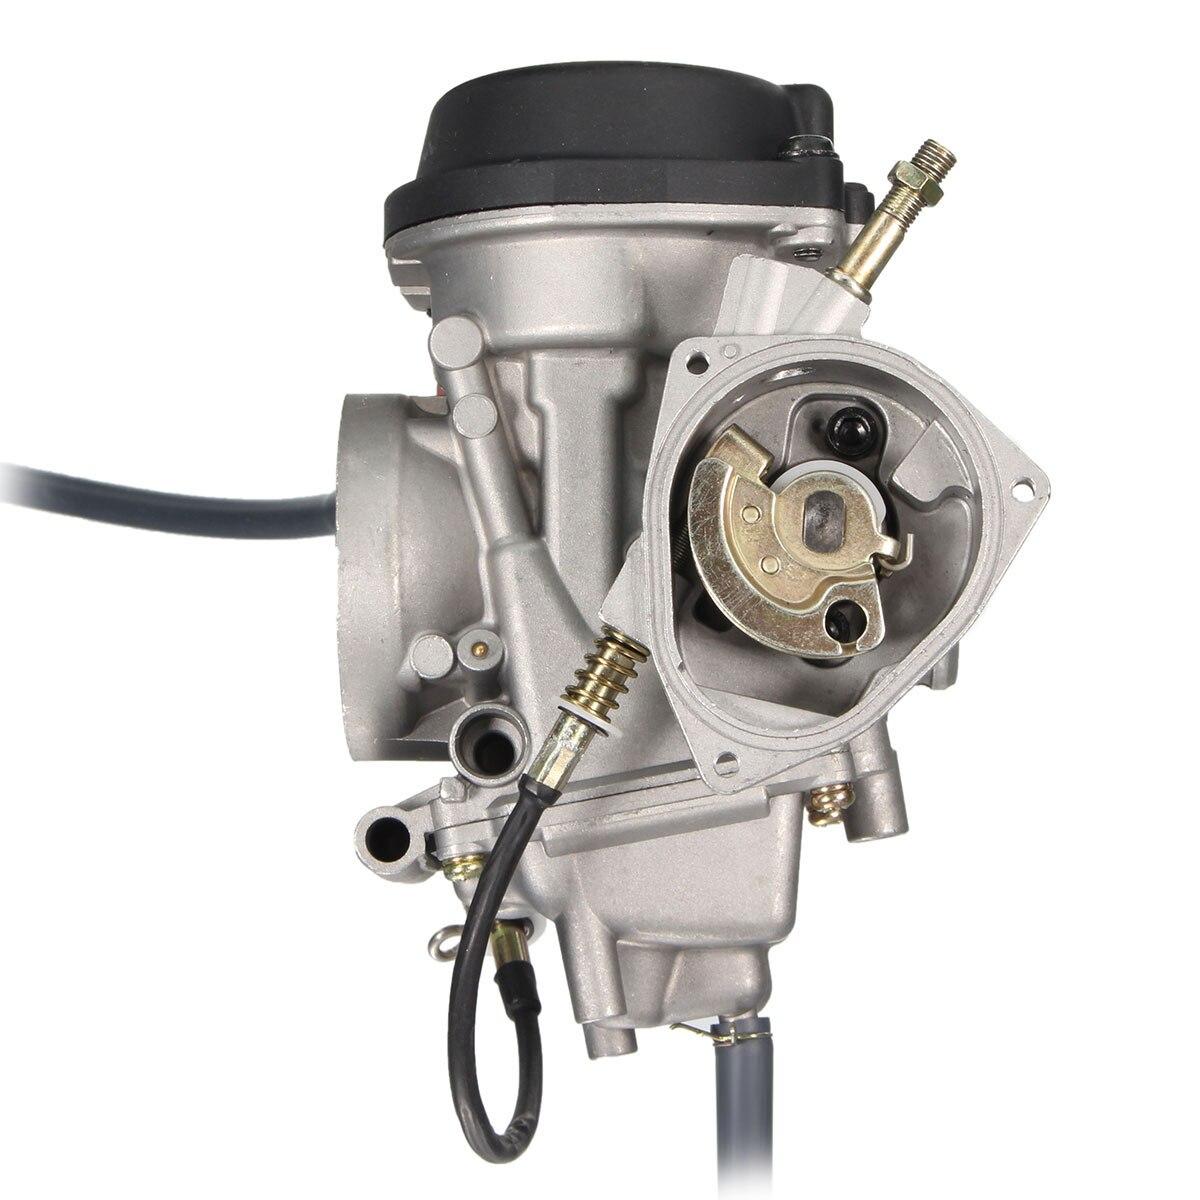 Nouveaux systèmes d'admission et de carburant pour carburateur ATV Carb pour Suzuki LTZ400 2003 2004 2005 2006 2007 ZZP-86732-1